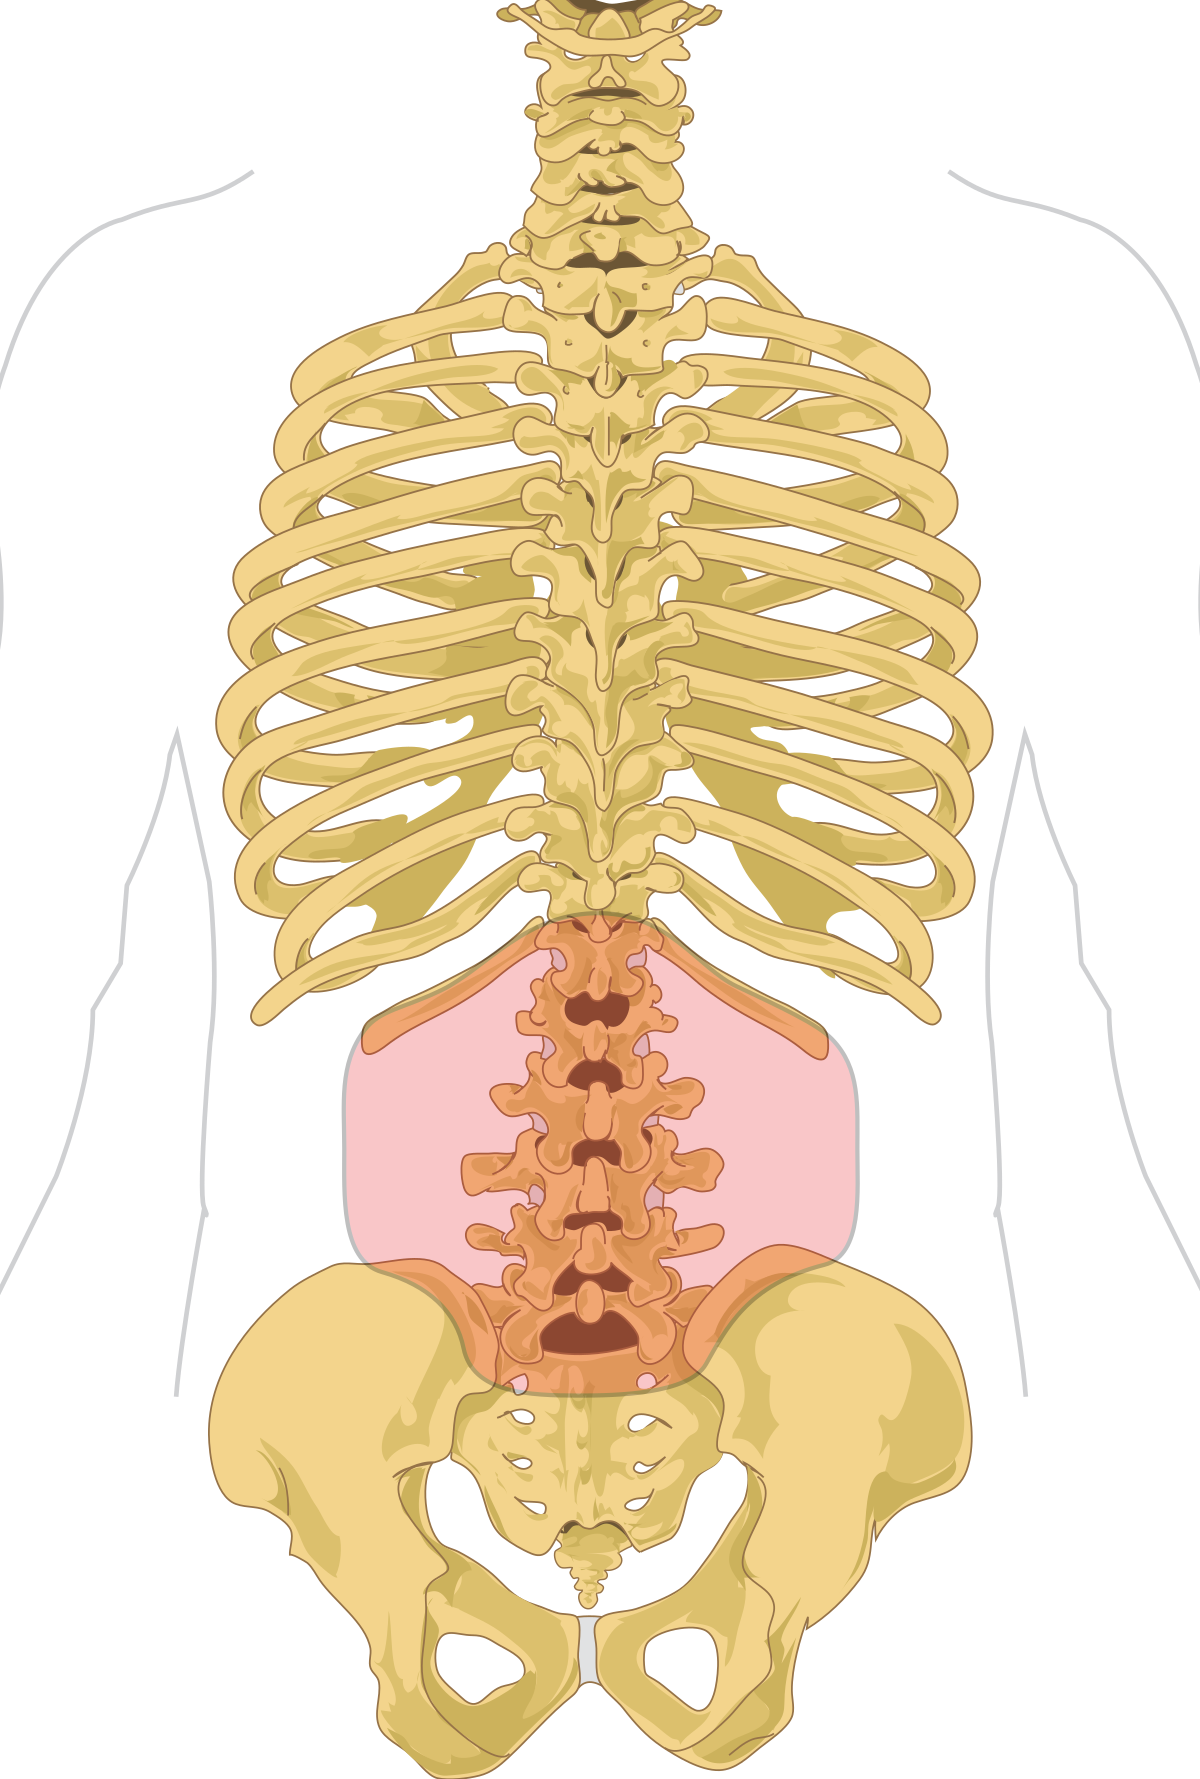 Csípőfájdalom – Csípőkopás | szoszszc.huán István ortopéd sebész praxisa